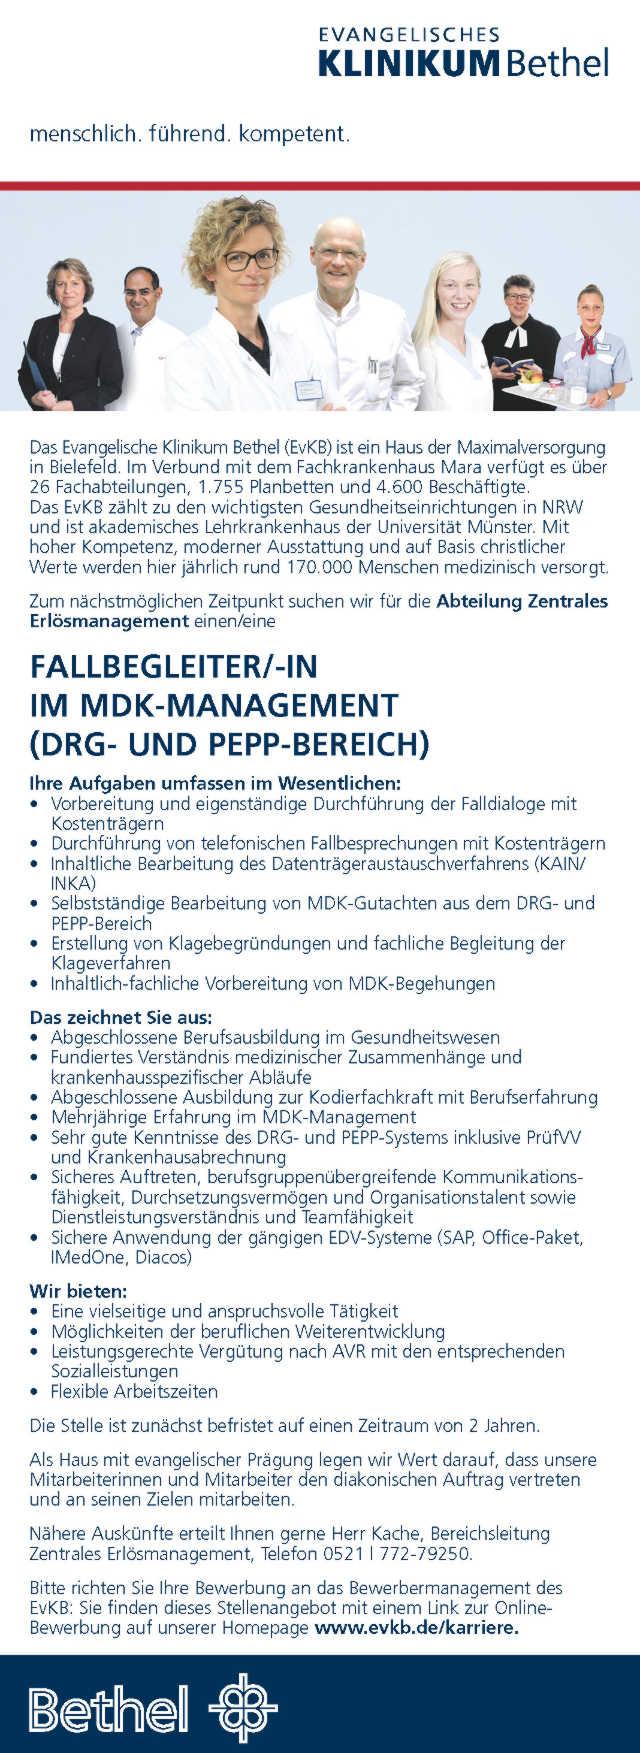 Kodierfachkraft & Medizincontroller 2018 - Krankenhaus-Stellenmarkt ...